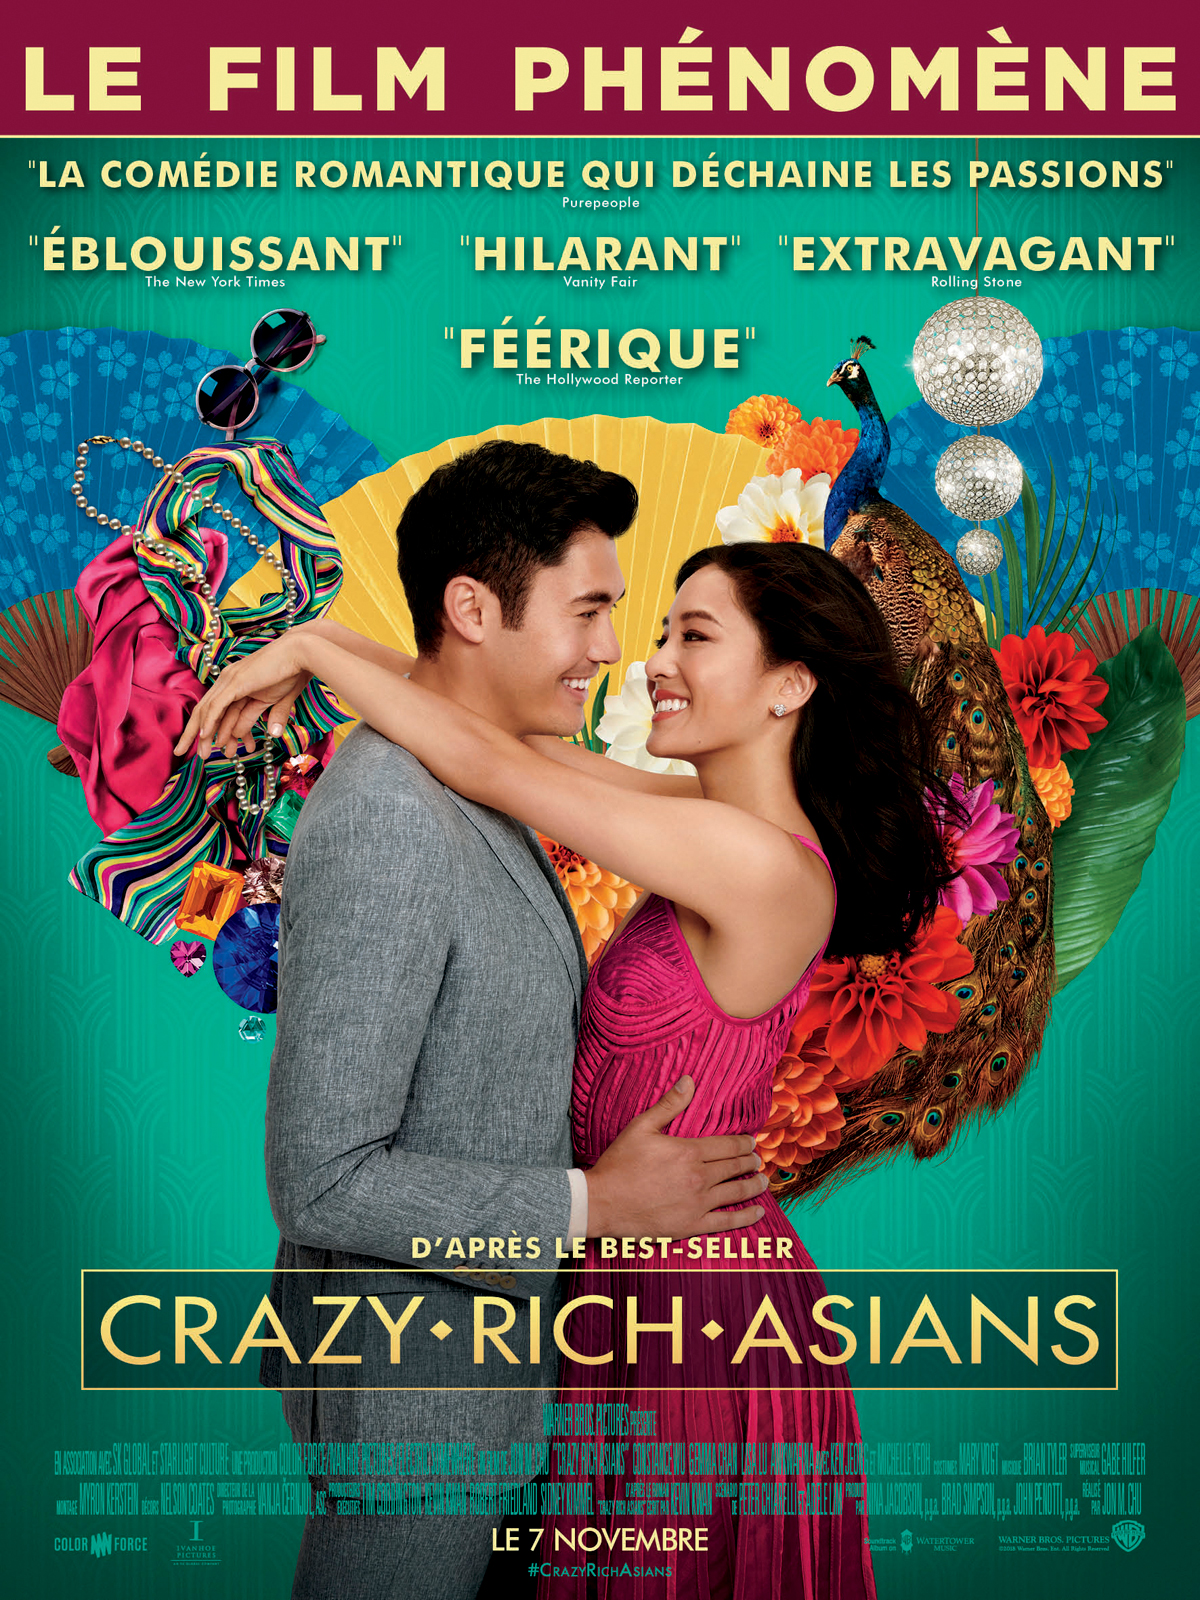 Crazy Rich Asians - film 2018 - AlloCiné